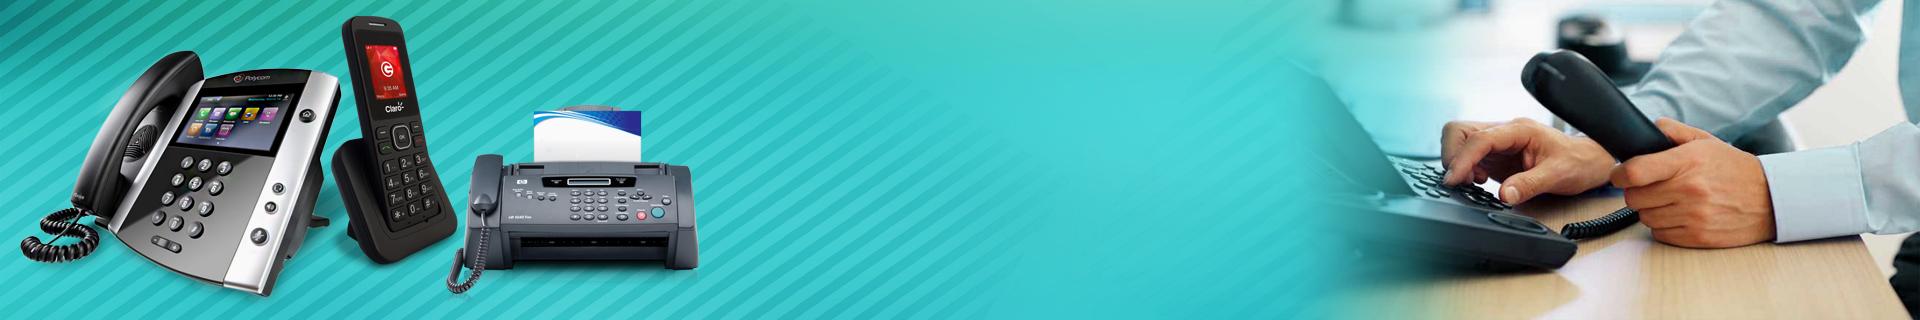 ▷ Les meilleurs téléphones fixes sans fil duo   Comparatif En Févr ... 88cb5a602ea5